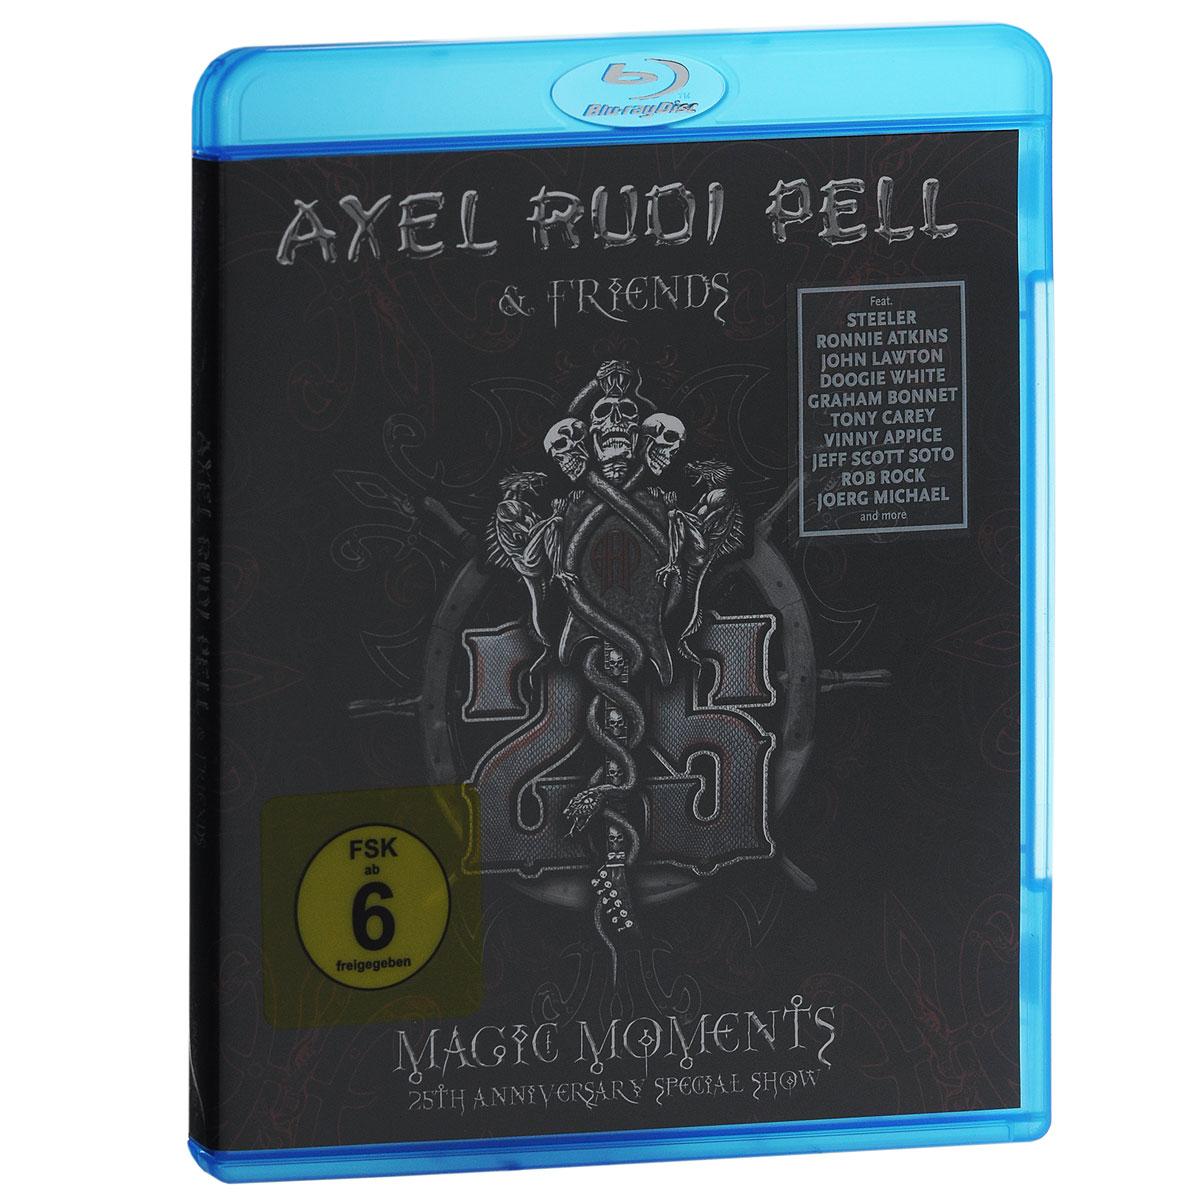 цена Axel Rudi Pell & Friends. Magic Moments. 25th Anniversary Special Show (Blu-ray) онлайн в 2017 году